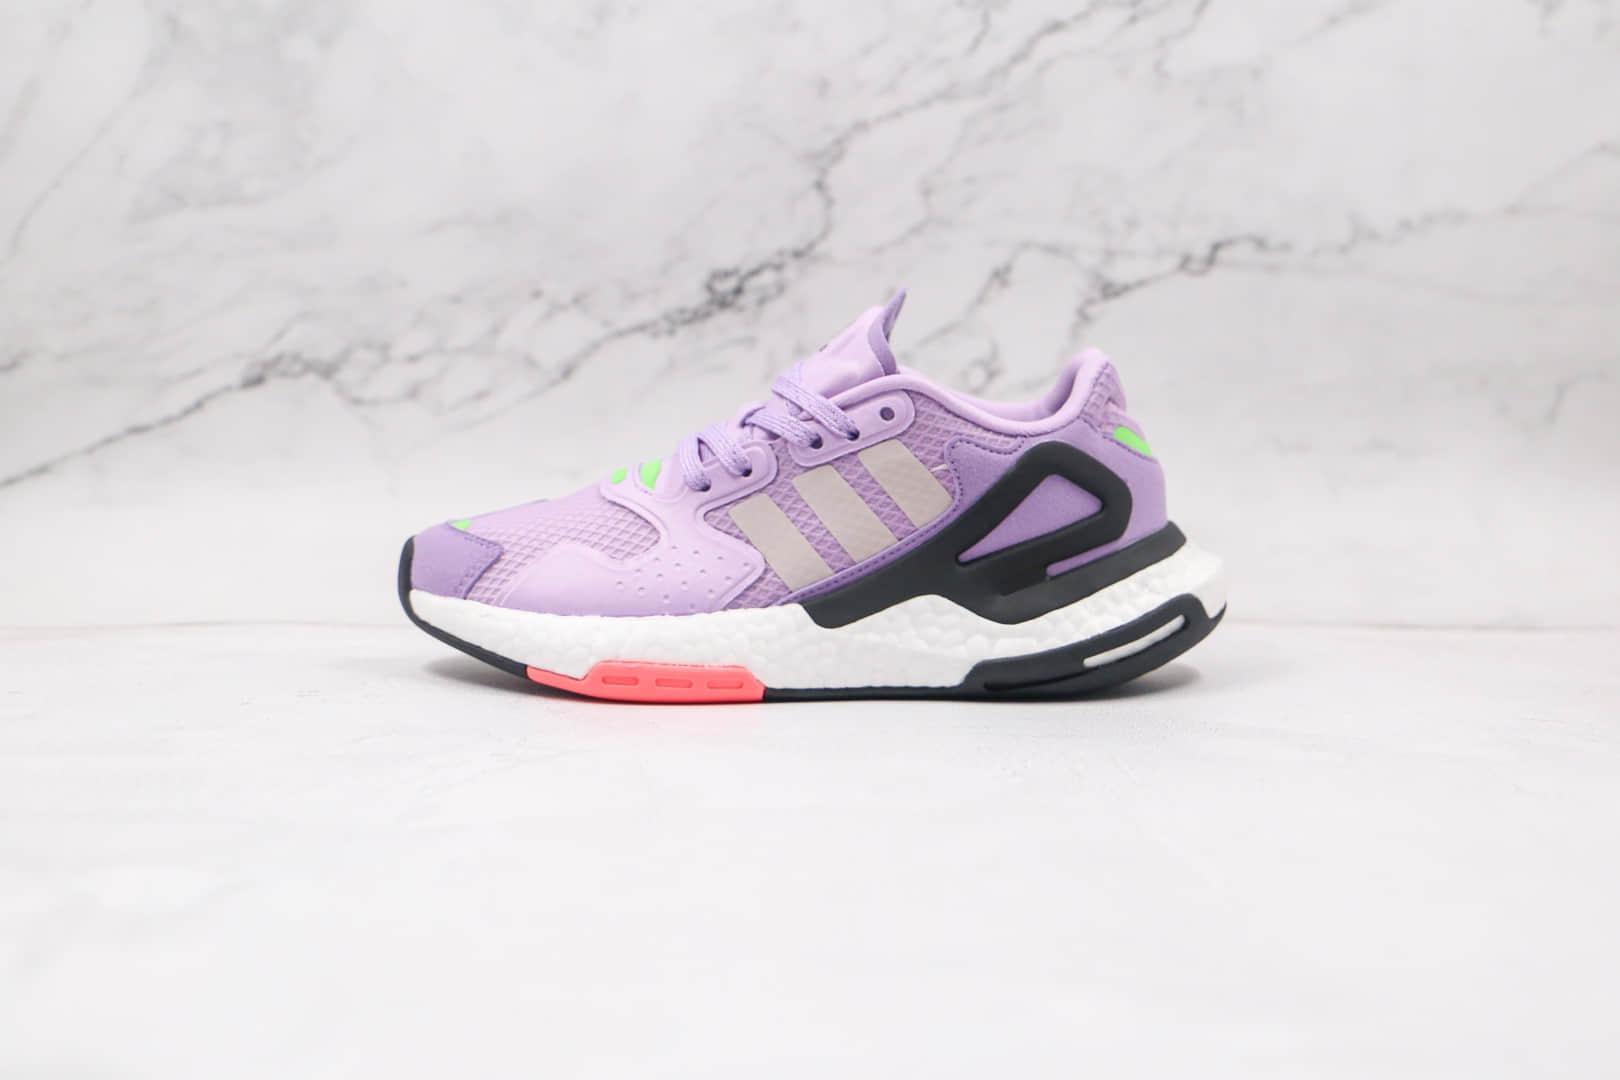 纯原版本阿迪达斯夜行者二代紫色爆米花跑鞋出货